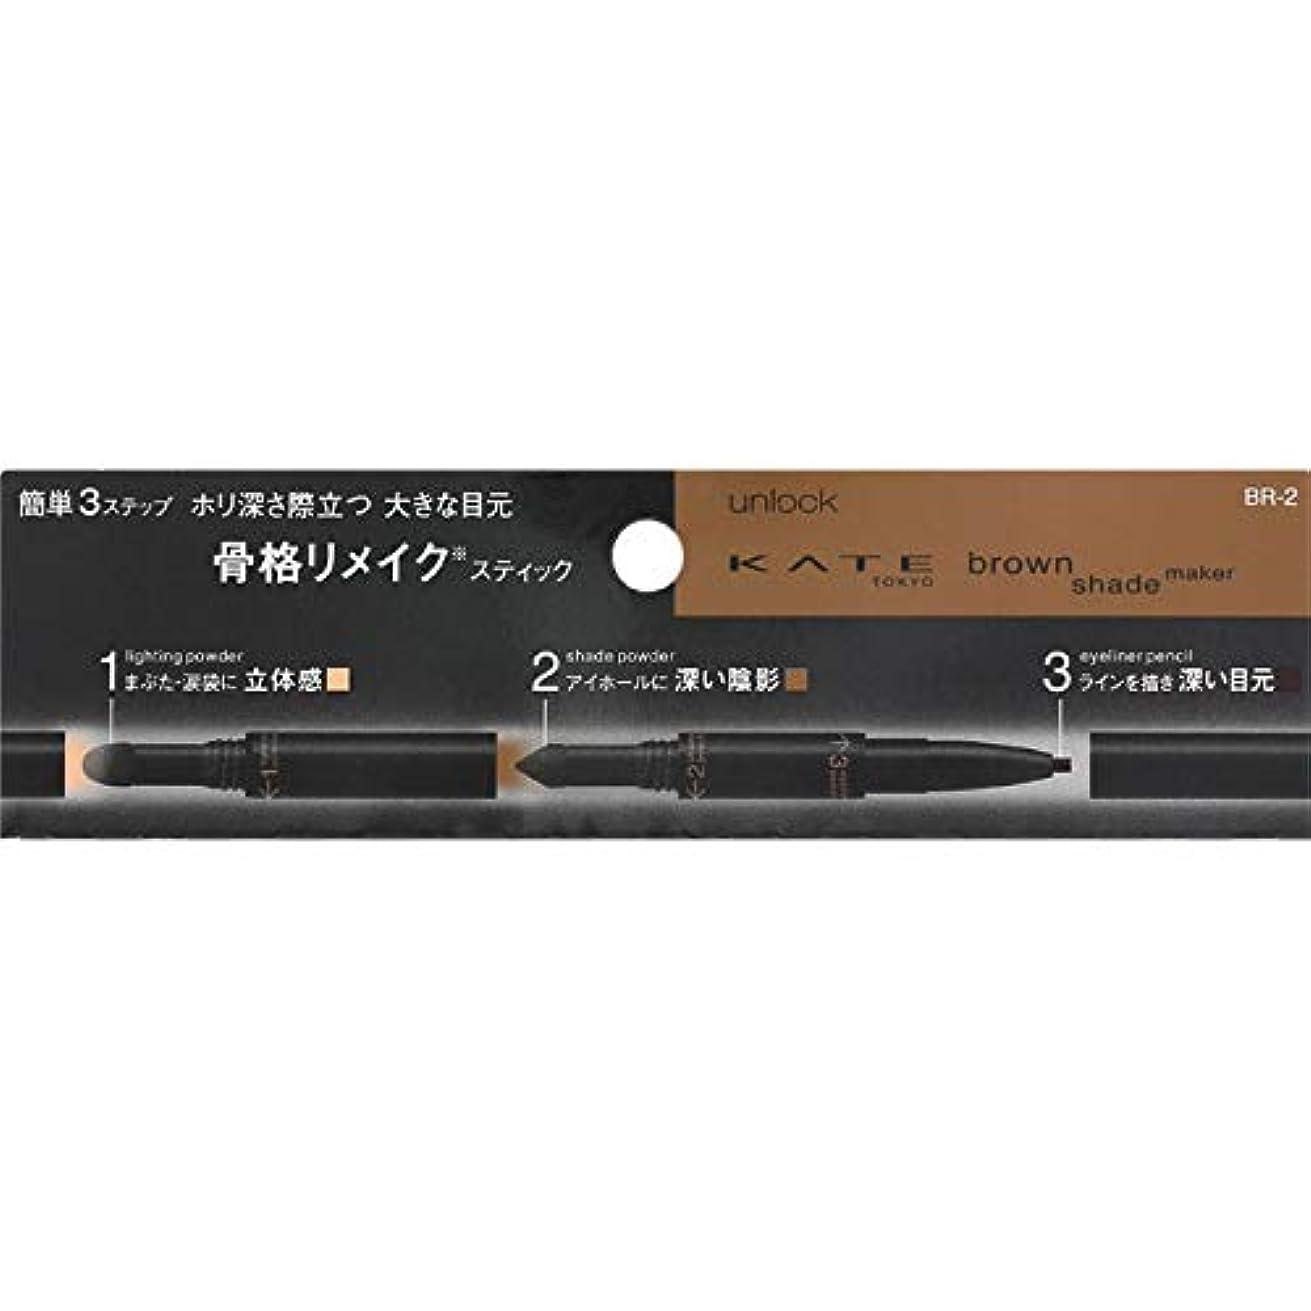 間欠胚芽淡いカネボウ(Kanebo) ケイト ブラウンシェードメイカー<カラー:BR-2>